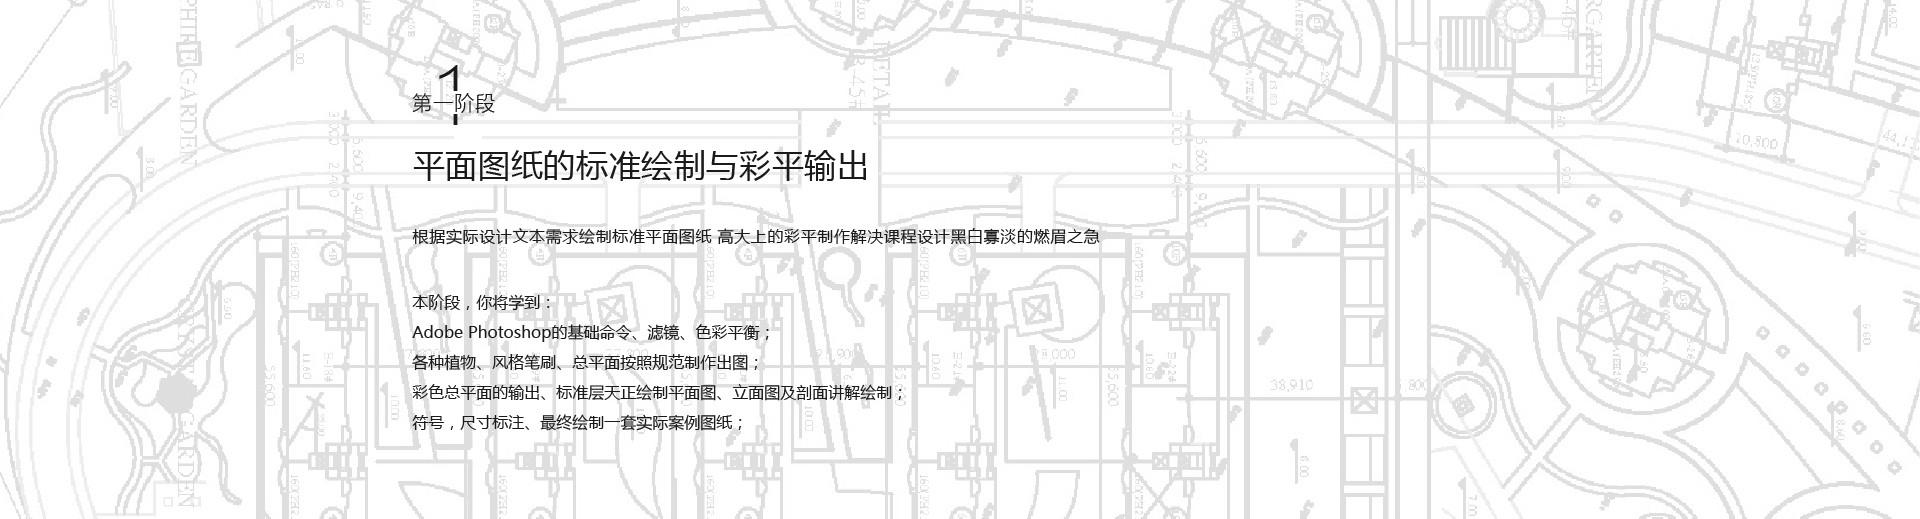 02.基础班课程内页_02.jpg